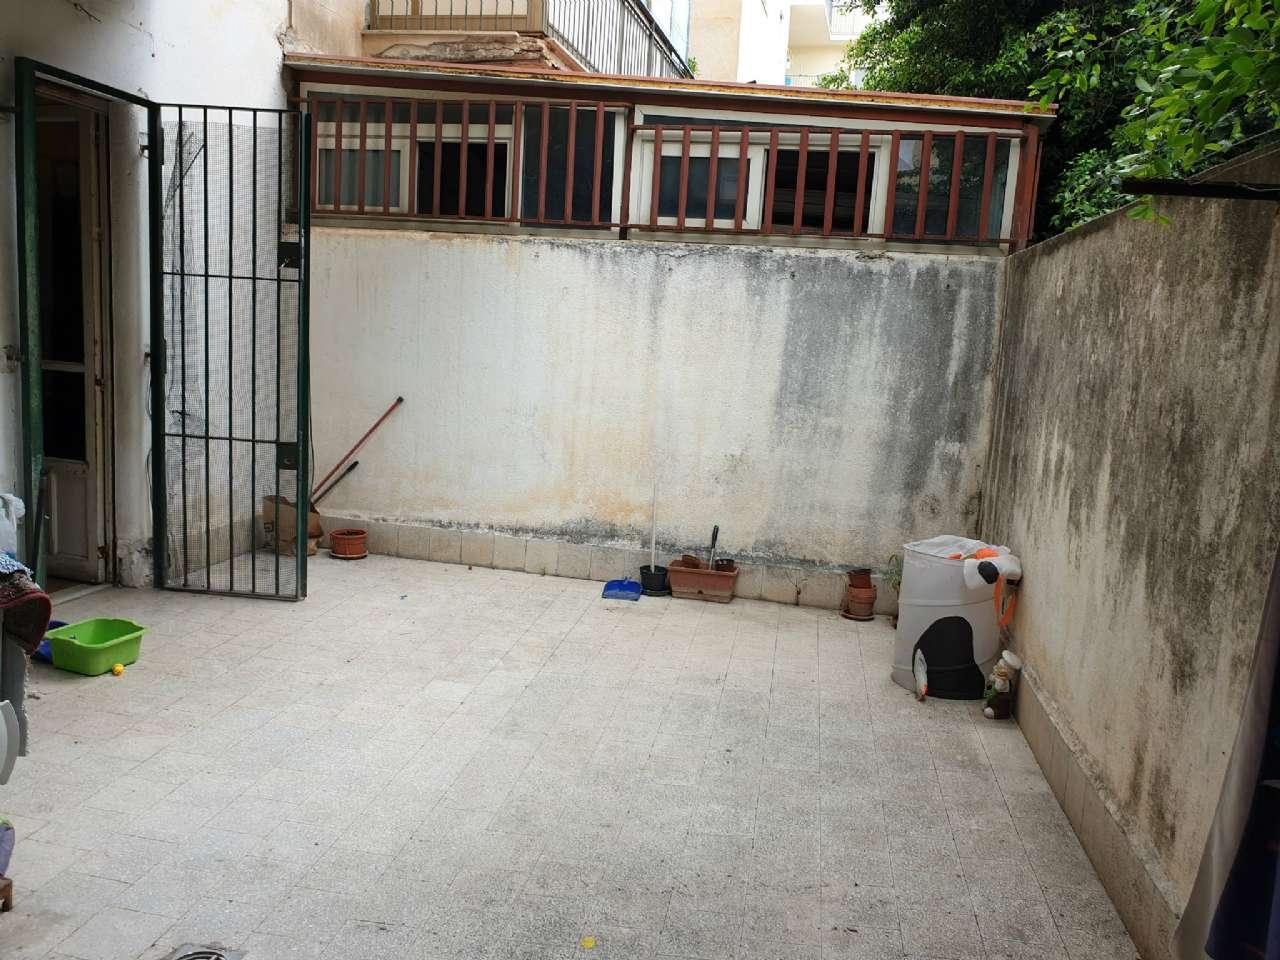 Trilocale, Via Lo Monaco Ciaccio Antonino, Zona Uditore, Palermo, foto 11